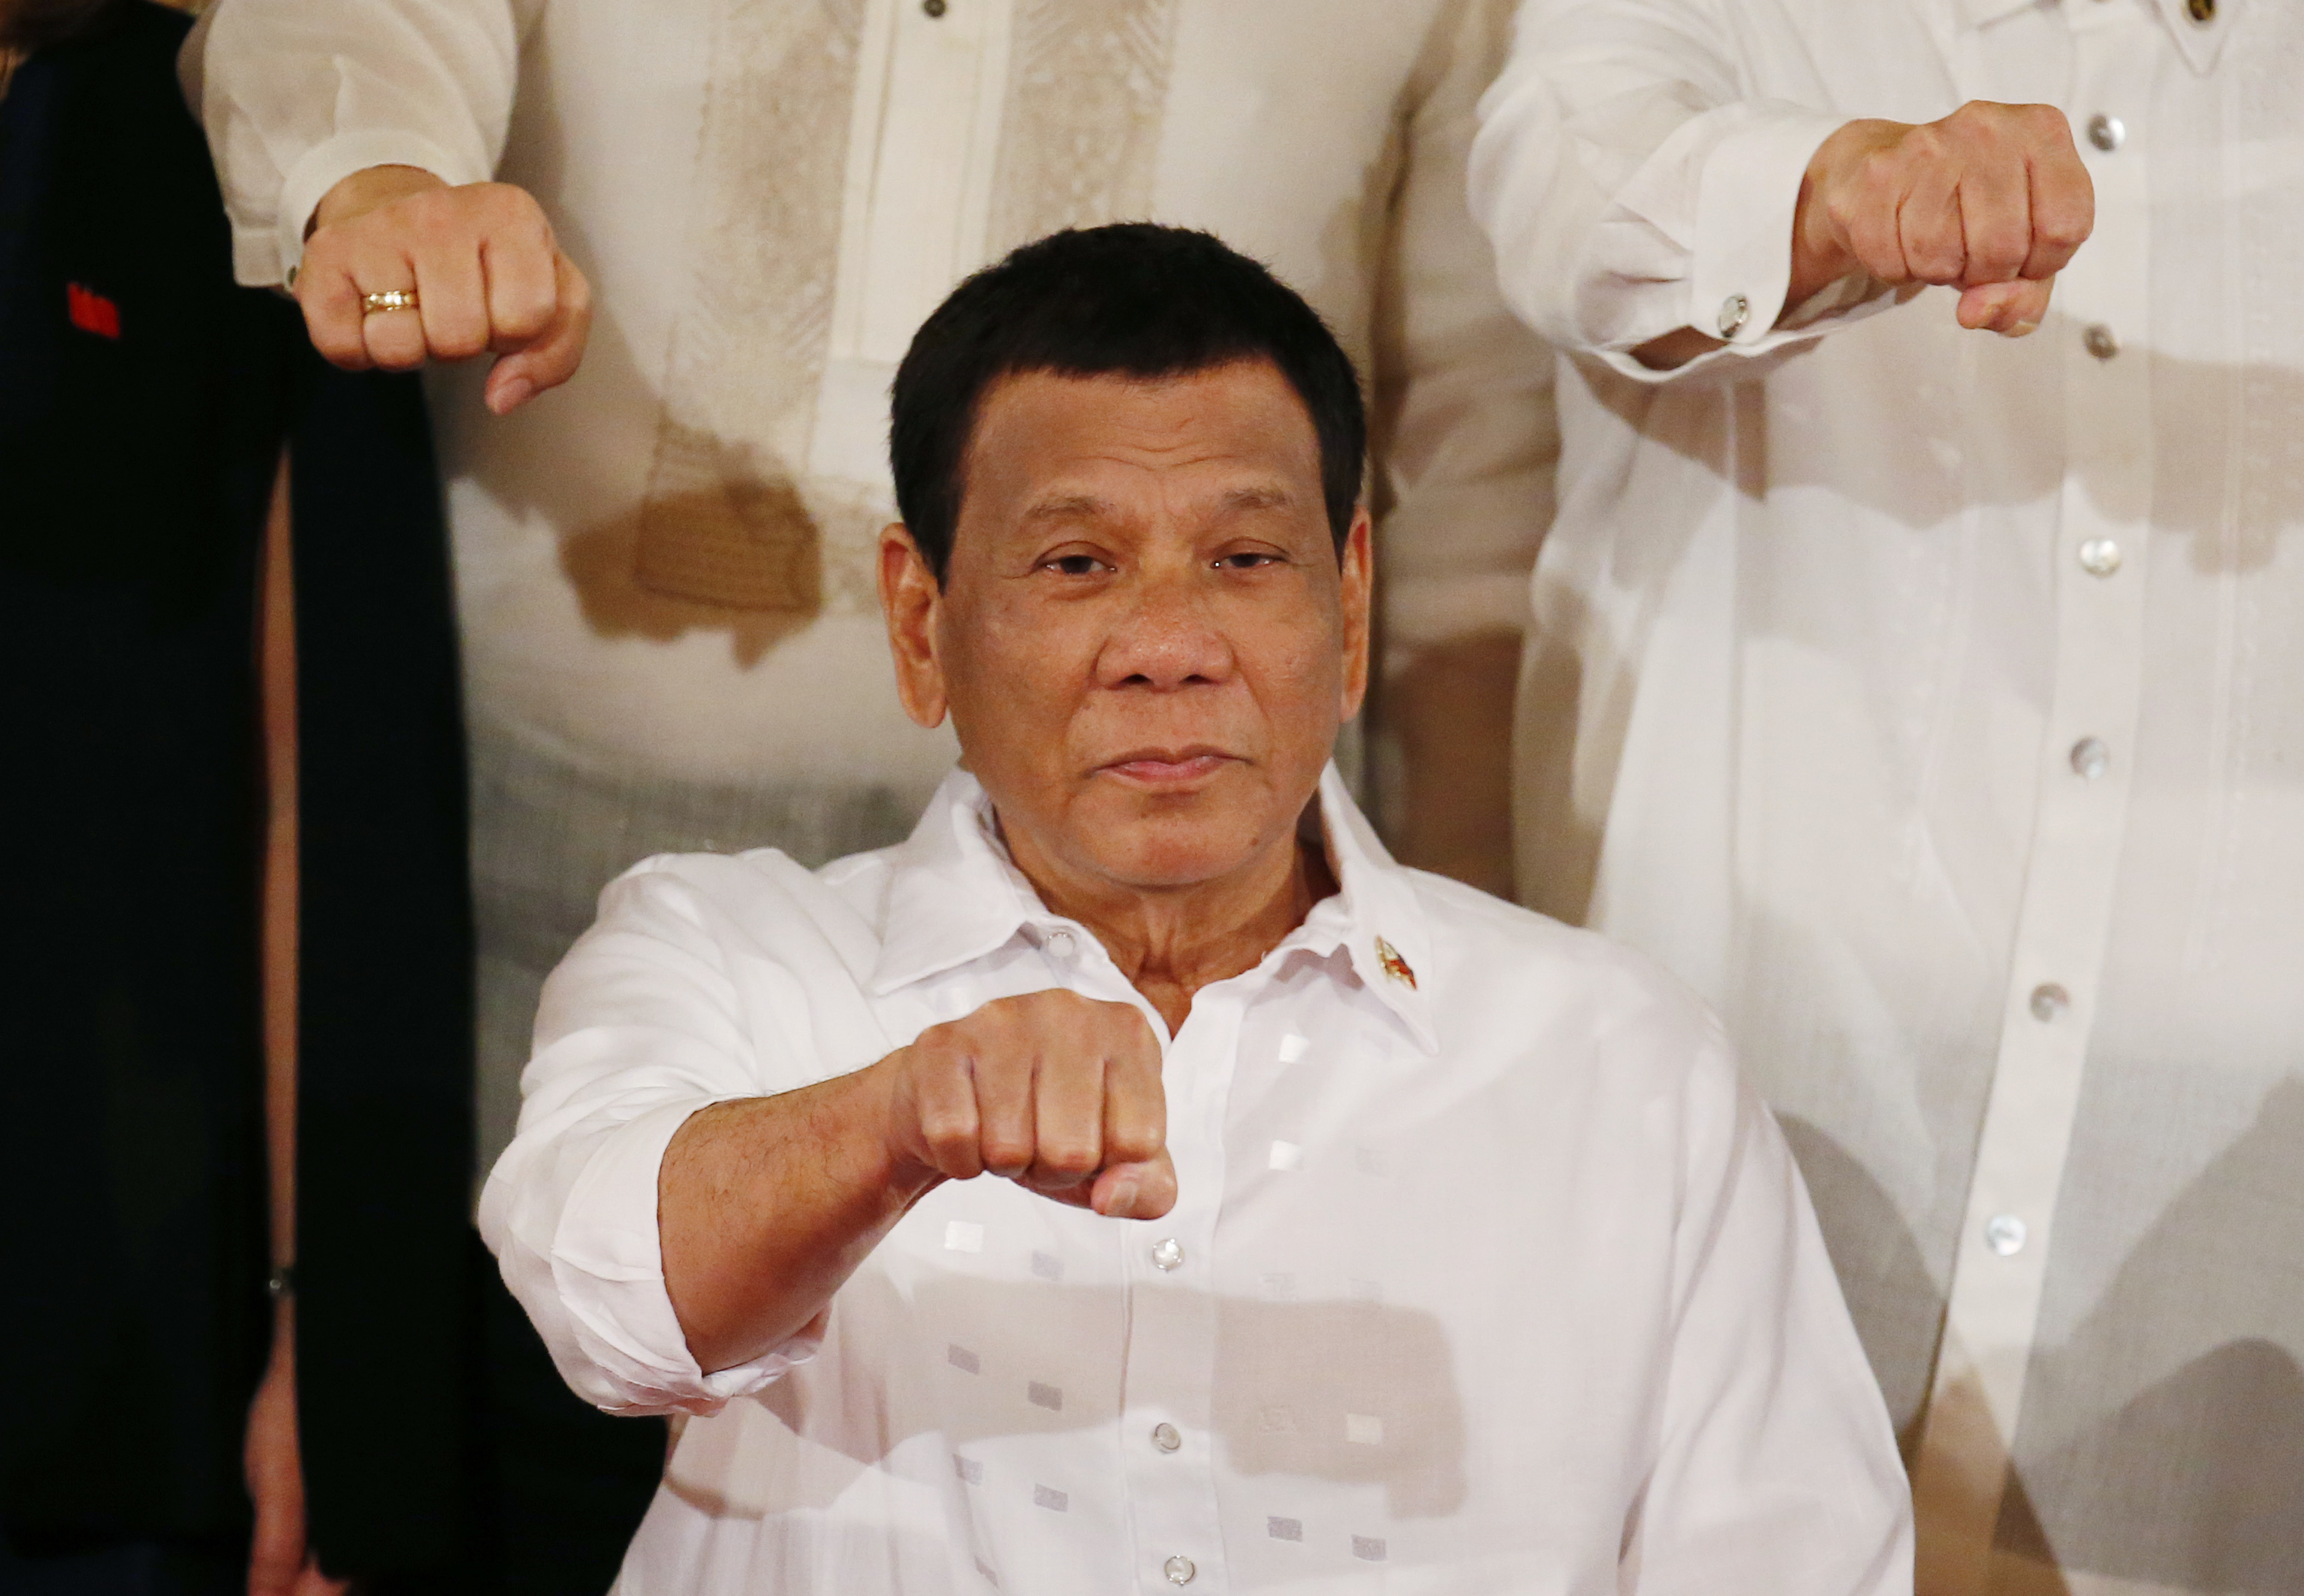 9 éves korra vinnék le a büntethetőség korhatárát a Fülöp-szigeteken